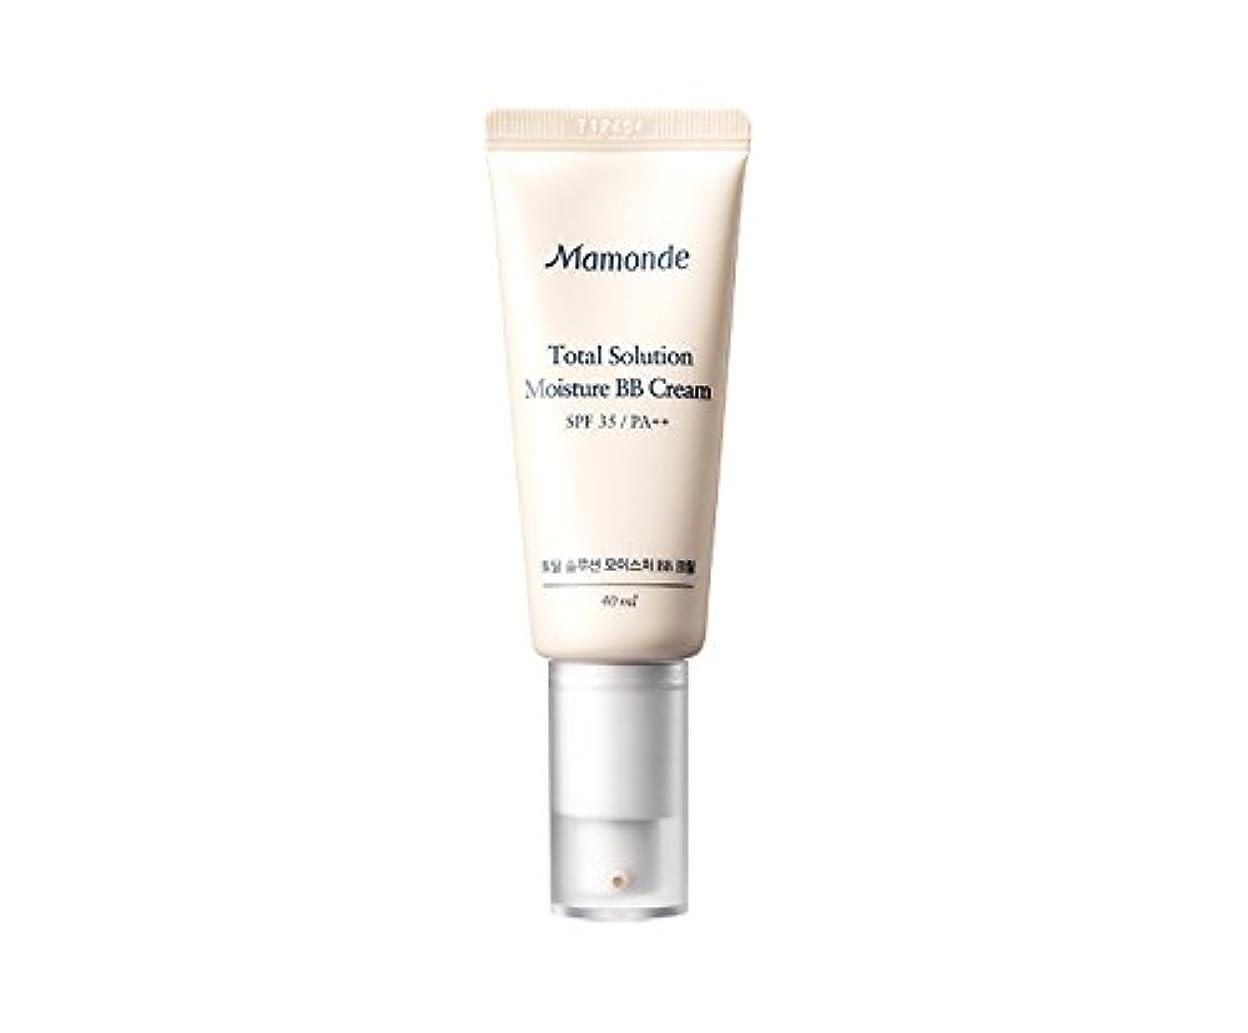 細胞ビーズ作動するMamonde Total Solution Moisture BB cream 40ml/マモンド トータル ソリューション モイスチャー BBクリーム 40ml (#2 Natural Beige) [並行輸入品]